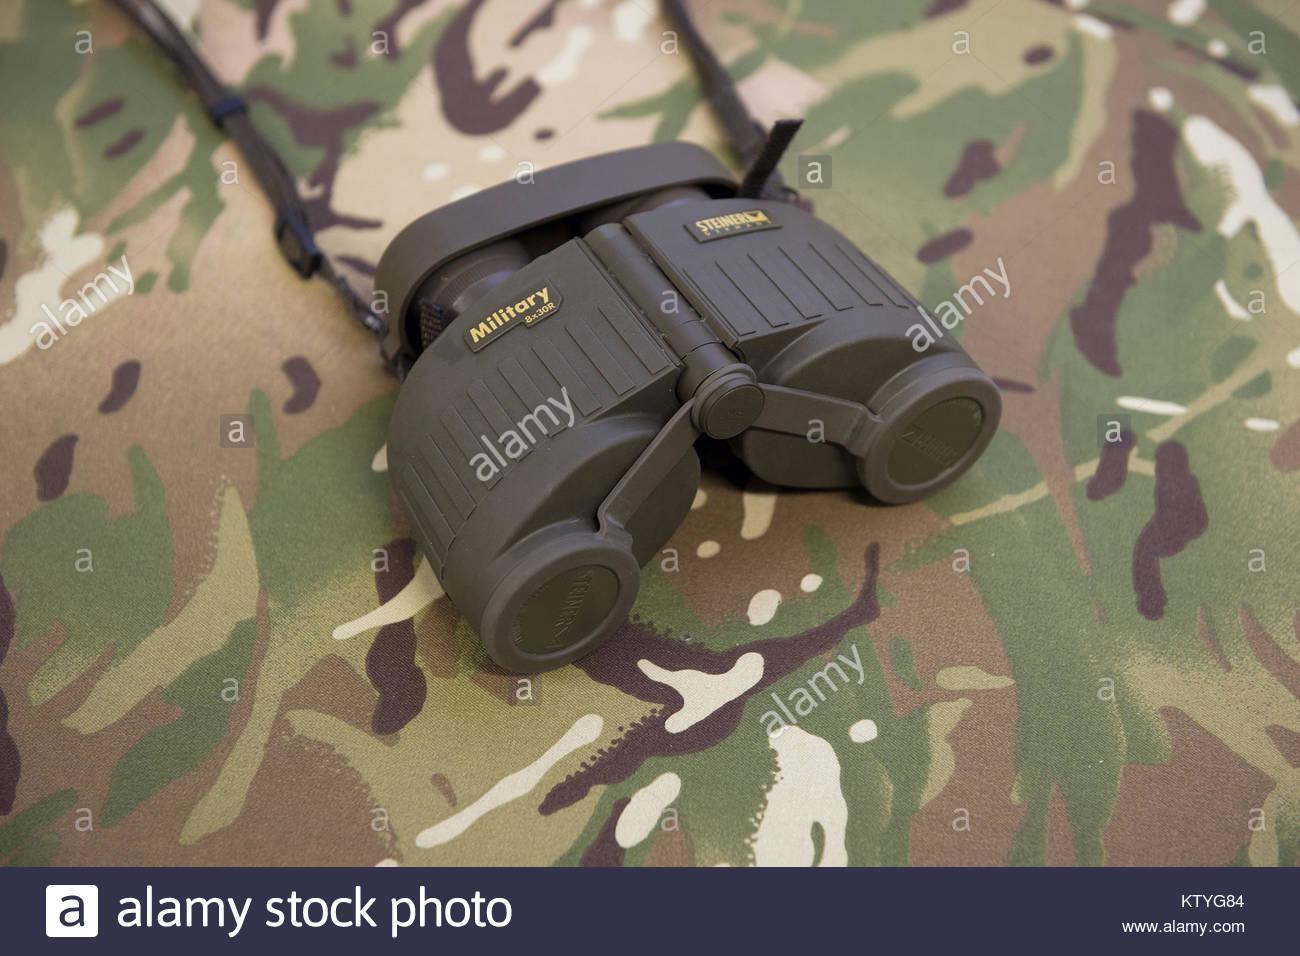 Die neuen militärischen steiner fernglas 8 x 30 r die die avimo